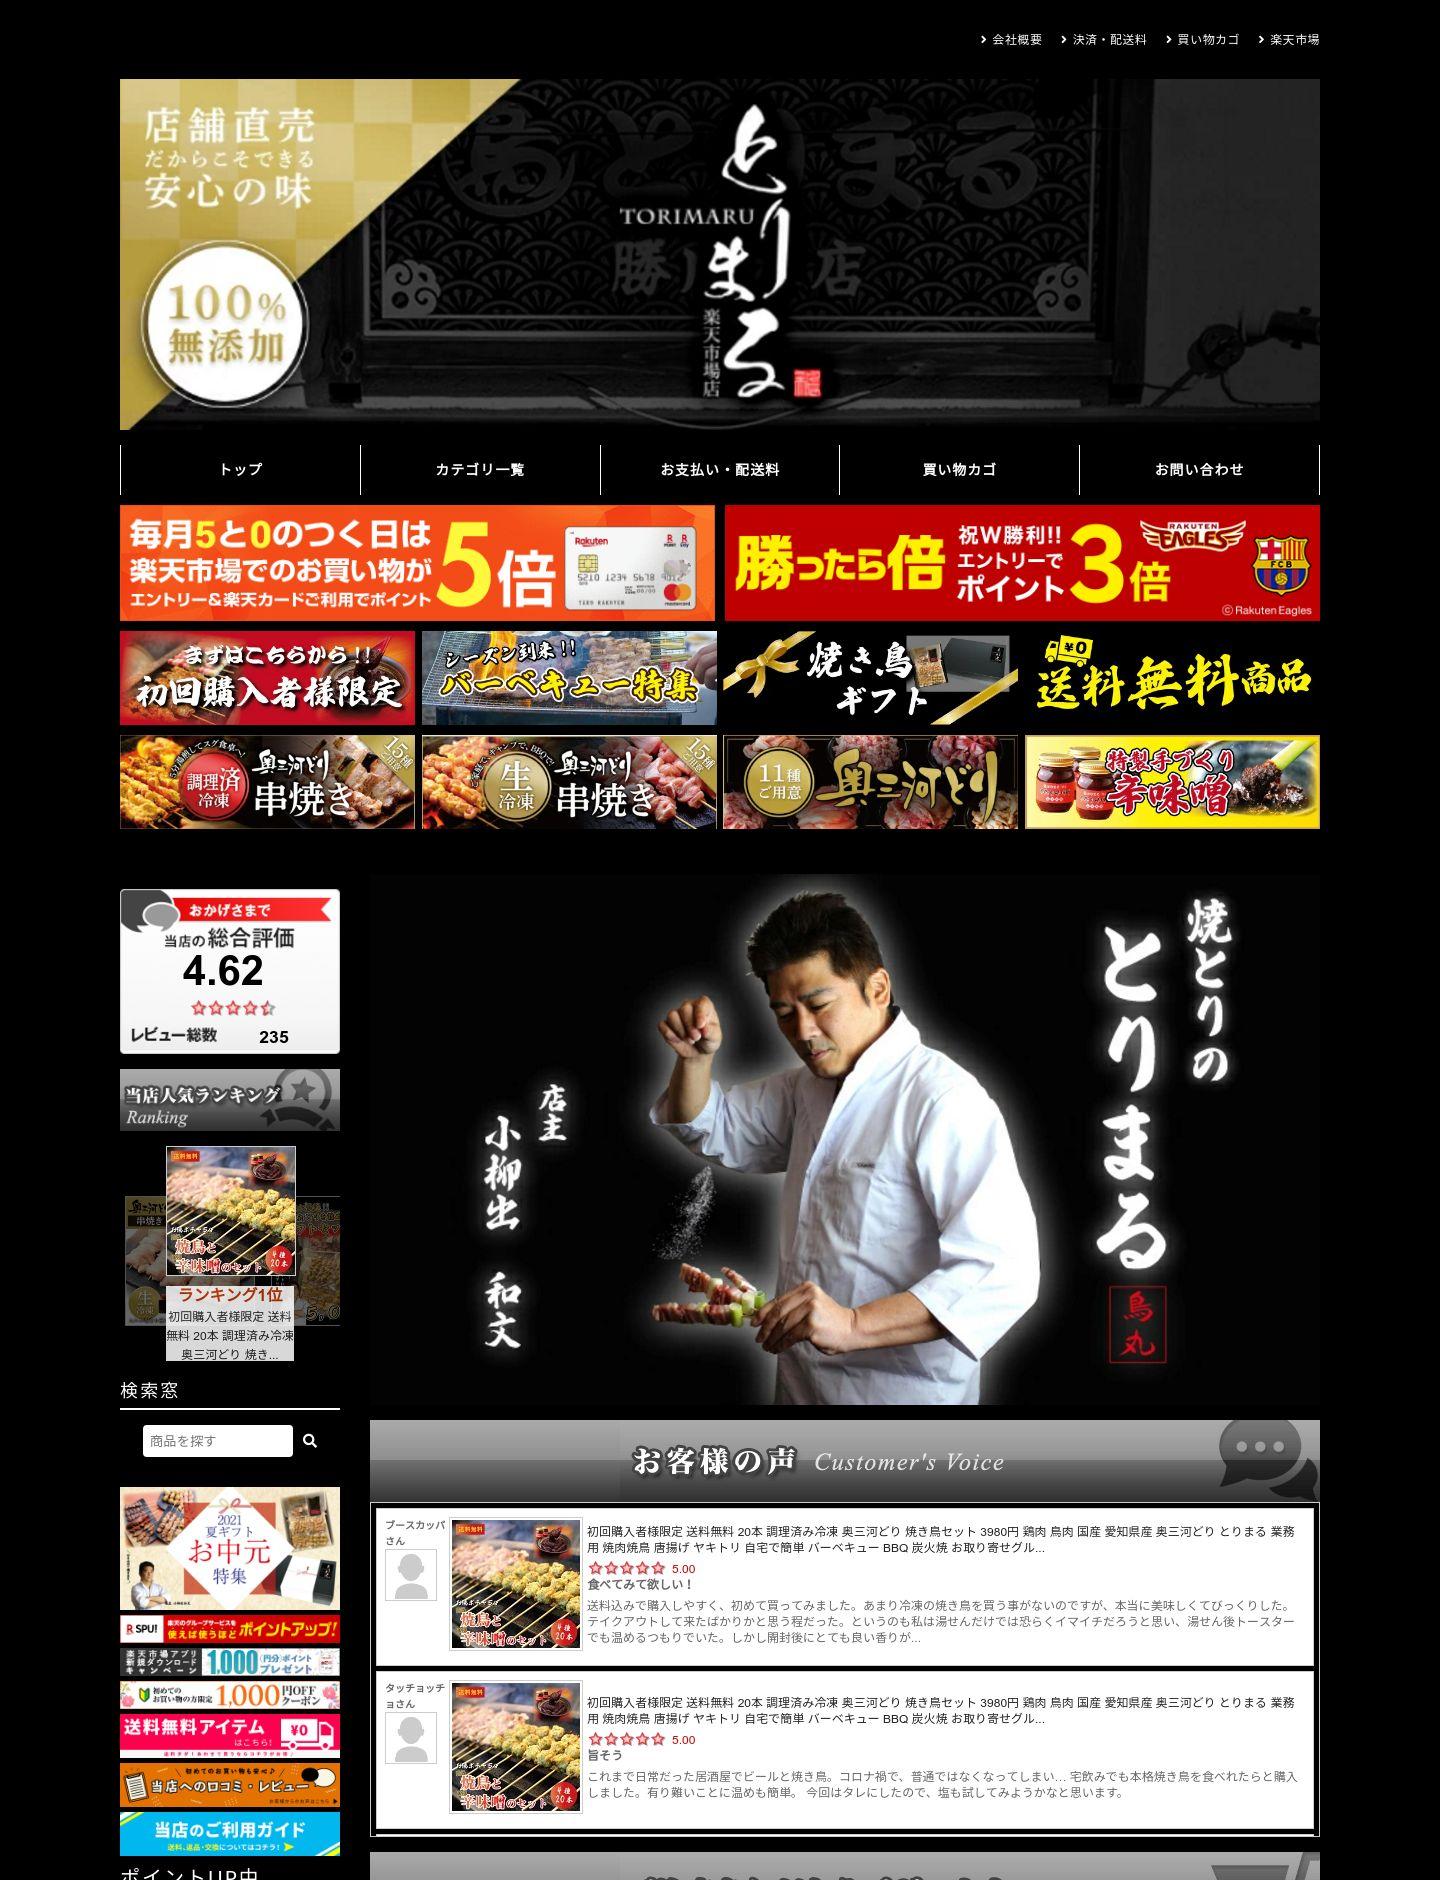 鳥豚惣菜屋とりまる様 サイト画像